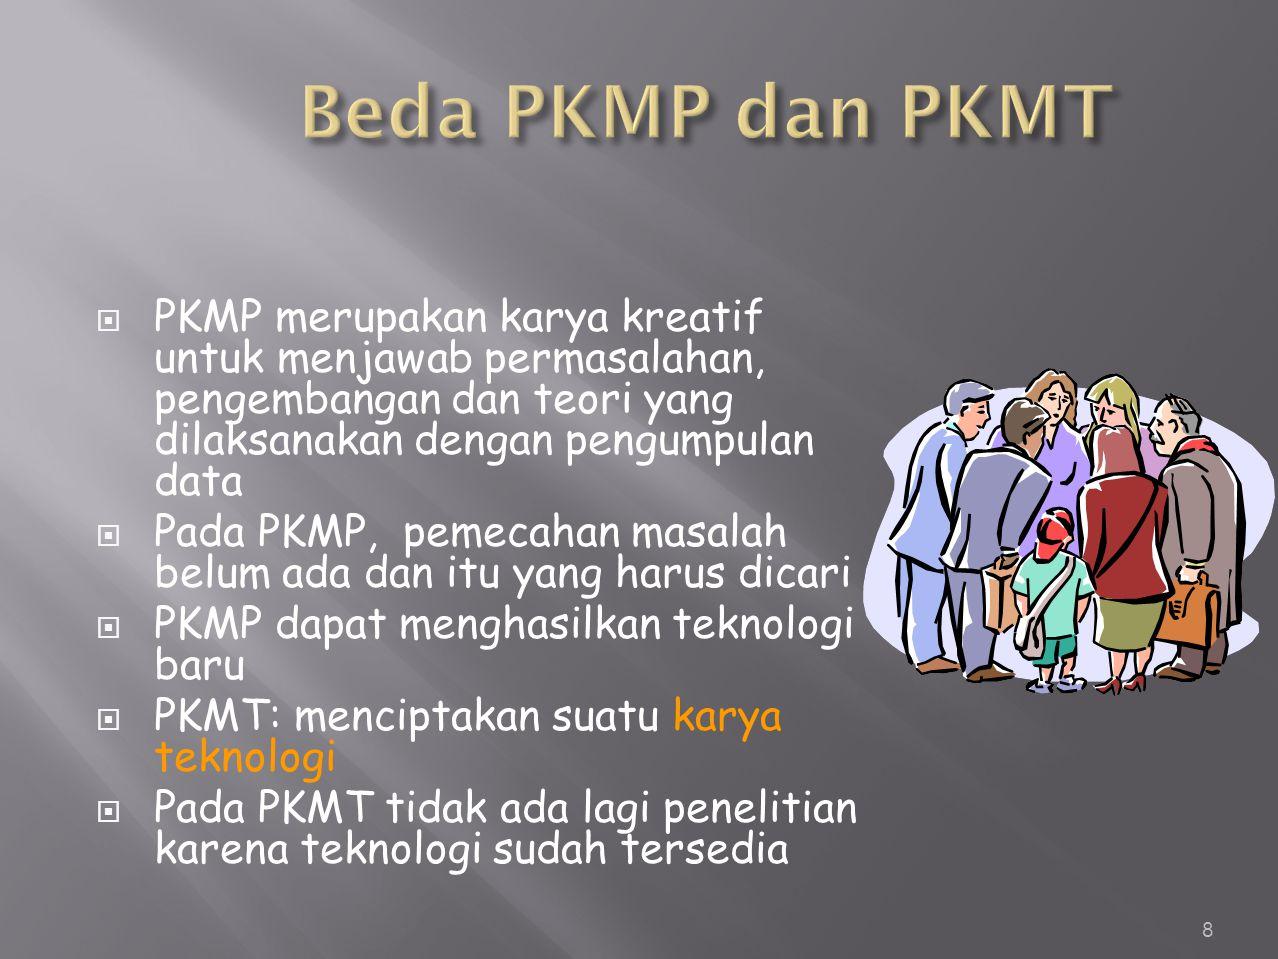  PKMP merupakan karya kreatif untuk menjawab permasalahan, pengembangan dan teori yang dilaksanakan dengan pengumpulan data  Pada PKMP, pemecahan masalah belum ada dan itu yang harus dicari  PKMP dapat menghasilkan teknologi baru  PKMT: menciptakan suatu karya teknologi  Pada PKMT tidak ada lagi penelitian karena teknologi sudah tersedia 8